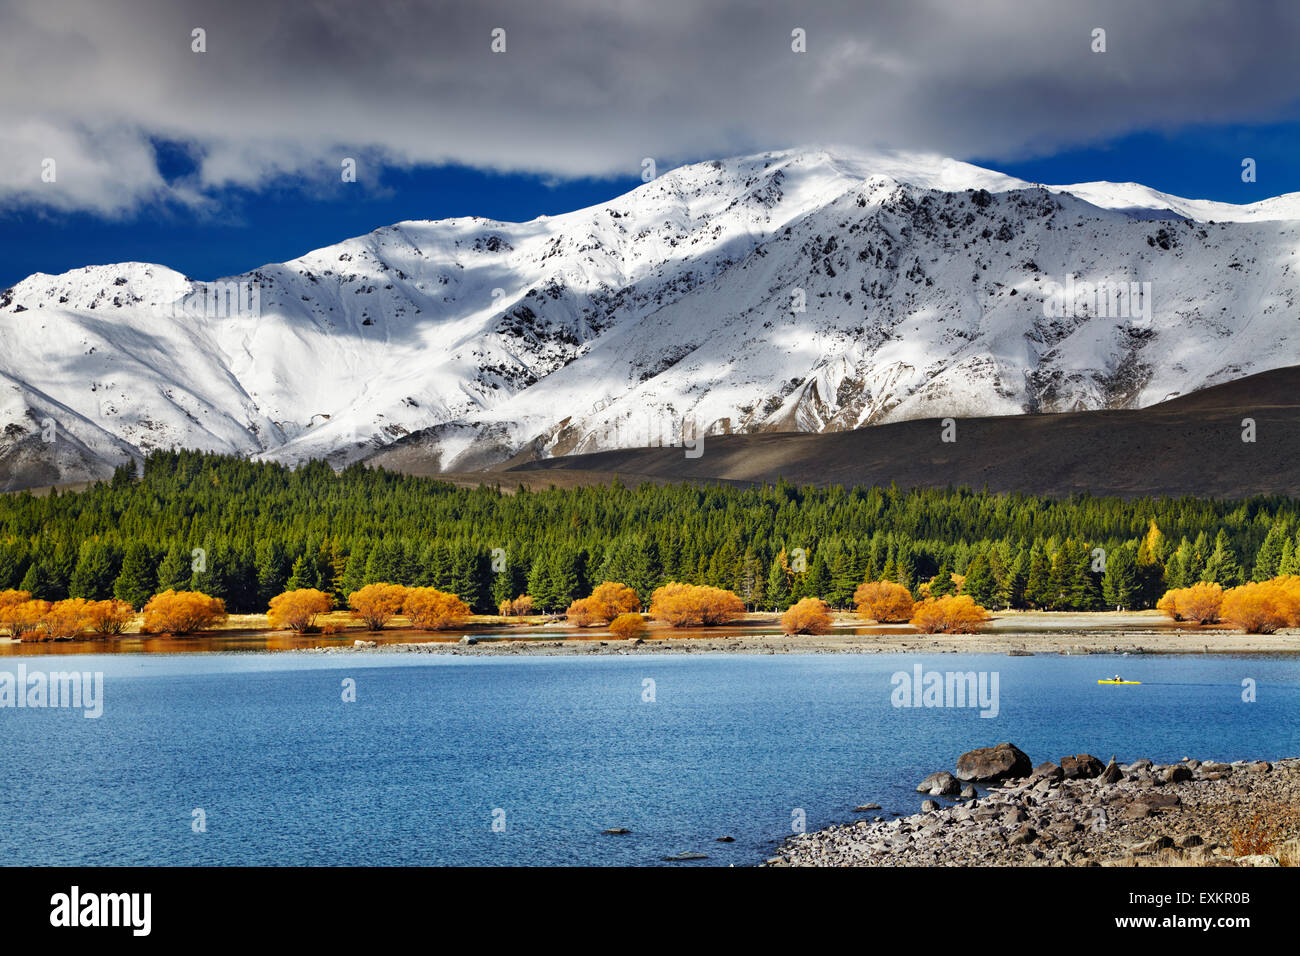 Paesaggio di Montagna, Lago Tekapo, Nuova Zelanda Immagini Stock